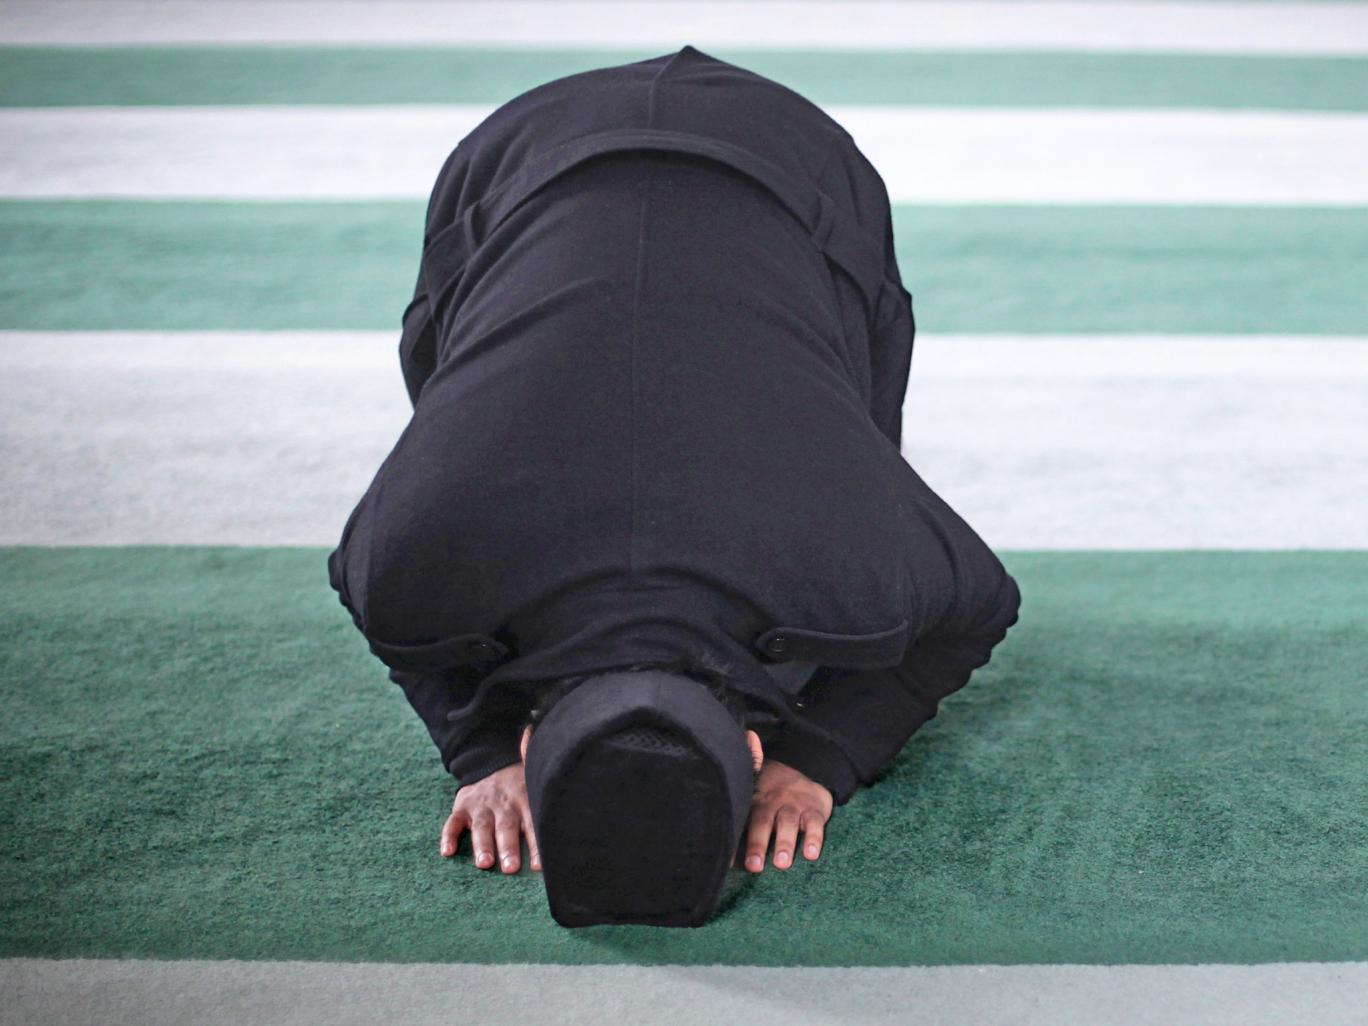 ¿Cómo acaba un hombre escocés de edad media, blanco y que vive en la Tierras altas escocesas haciéndose musulmán -especialmente sin haber realmente conocido a un musulmán?